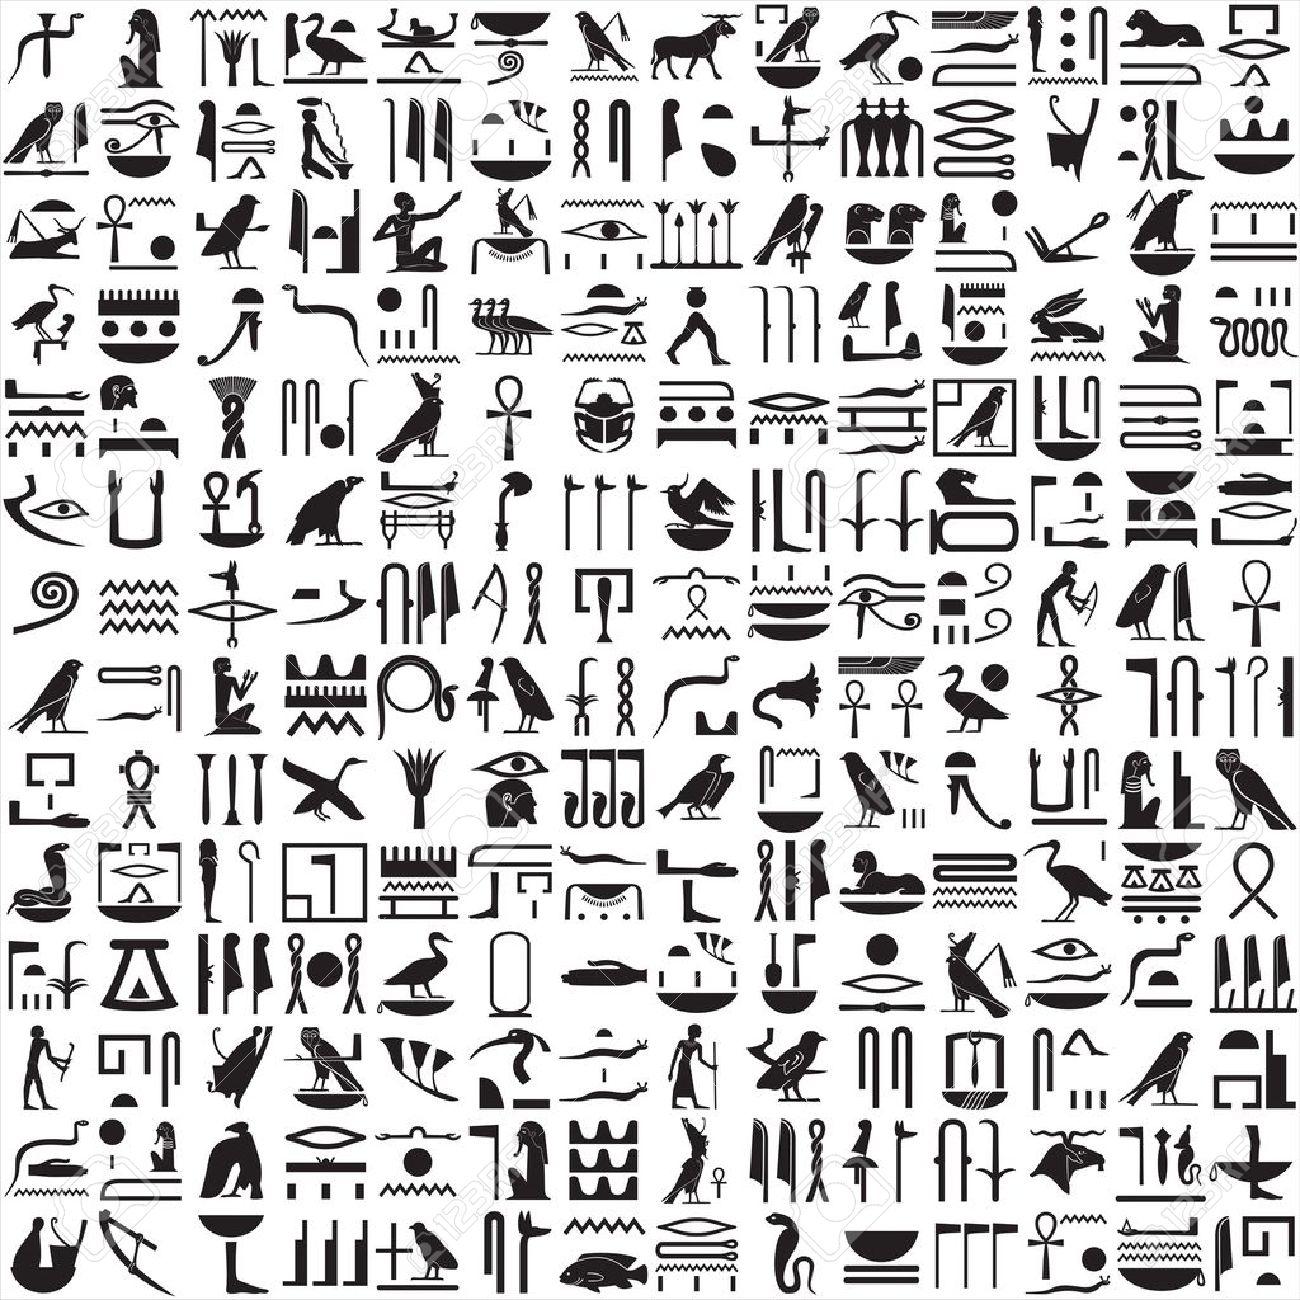 Hieroglyphs clipart Ancient Hieroglyphics graphics art Hieroglyphics